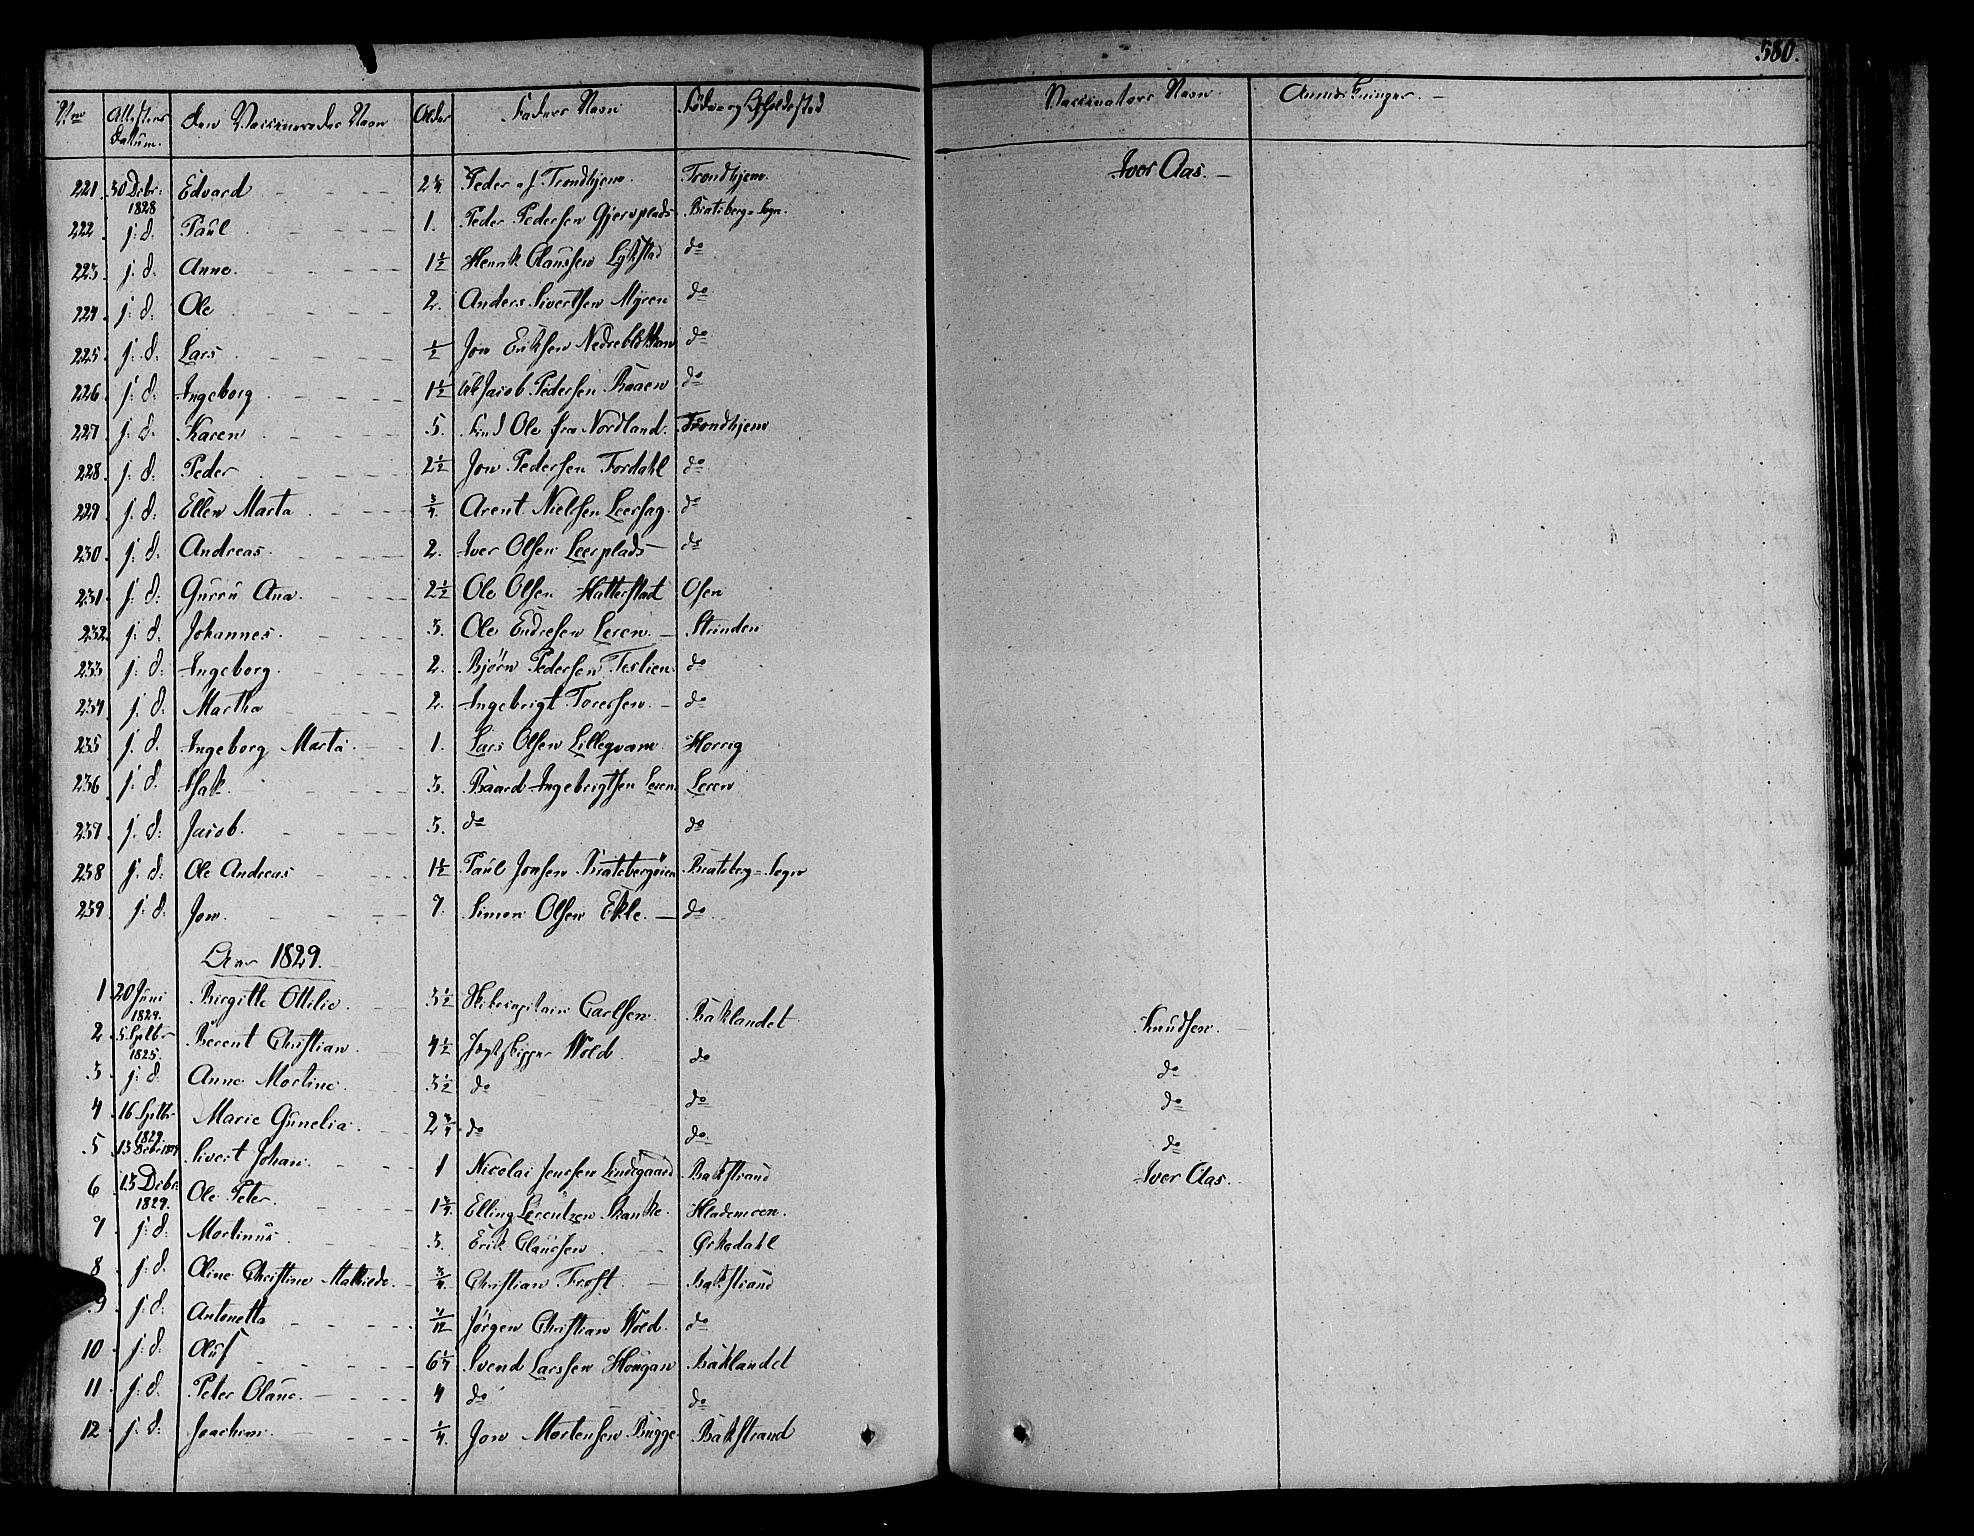 SAT, Ministerialprotokoller, klokkerbøker og fødselsregistre - Sør-Trøndelag, 606/L0286: Ministerialbok nr. 606A04 /1, 1823-1840, s. 580